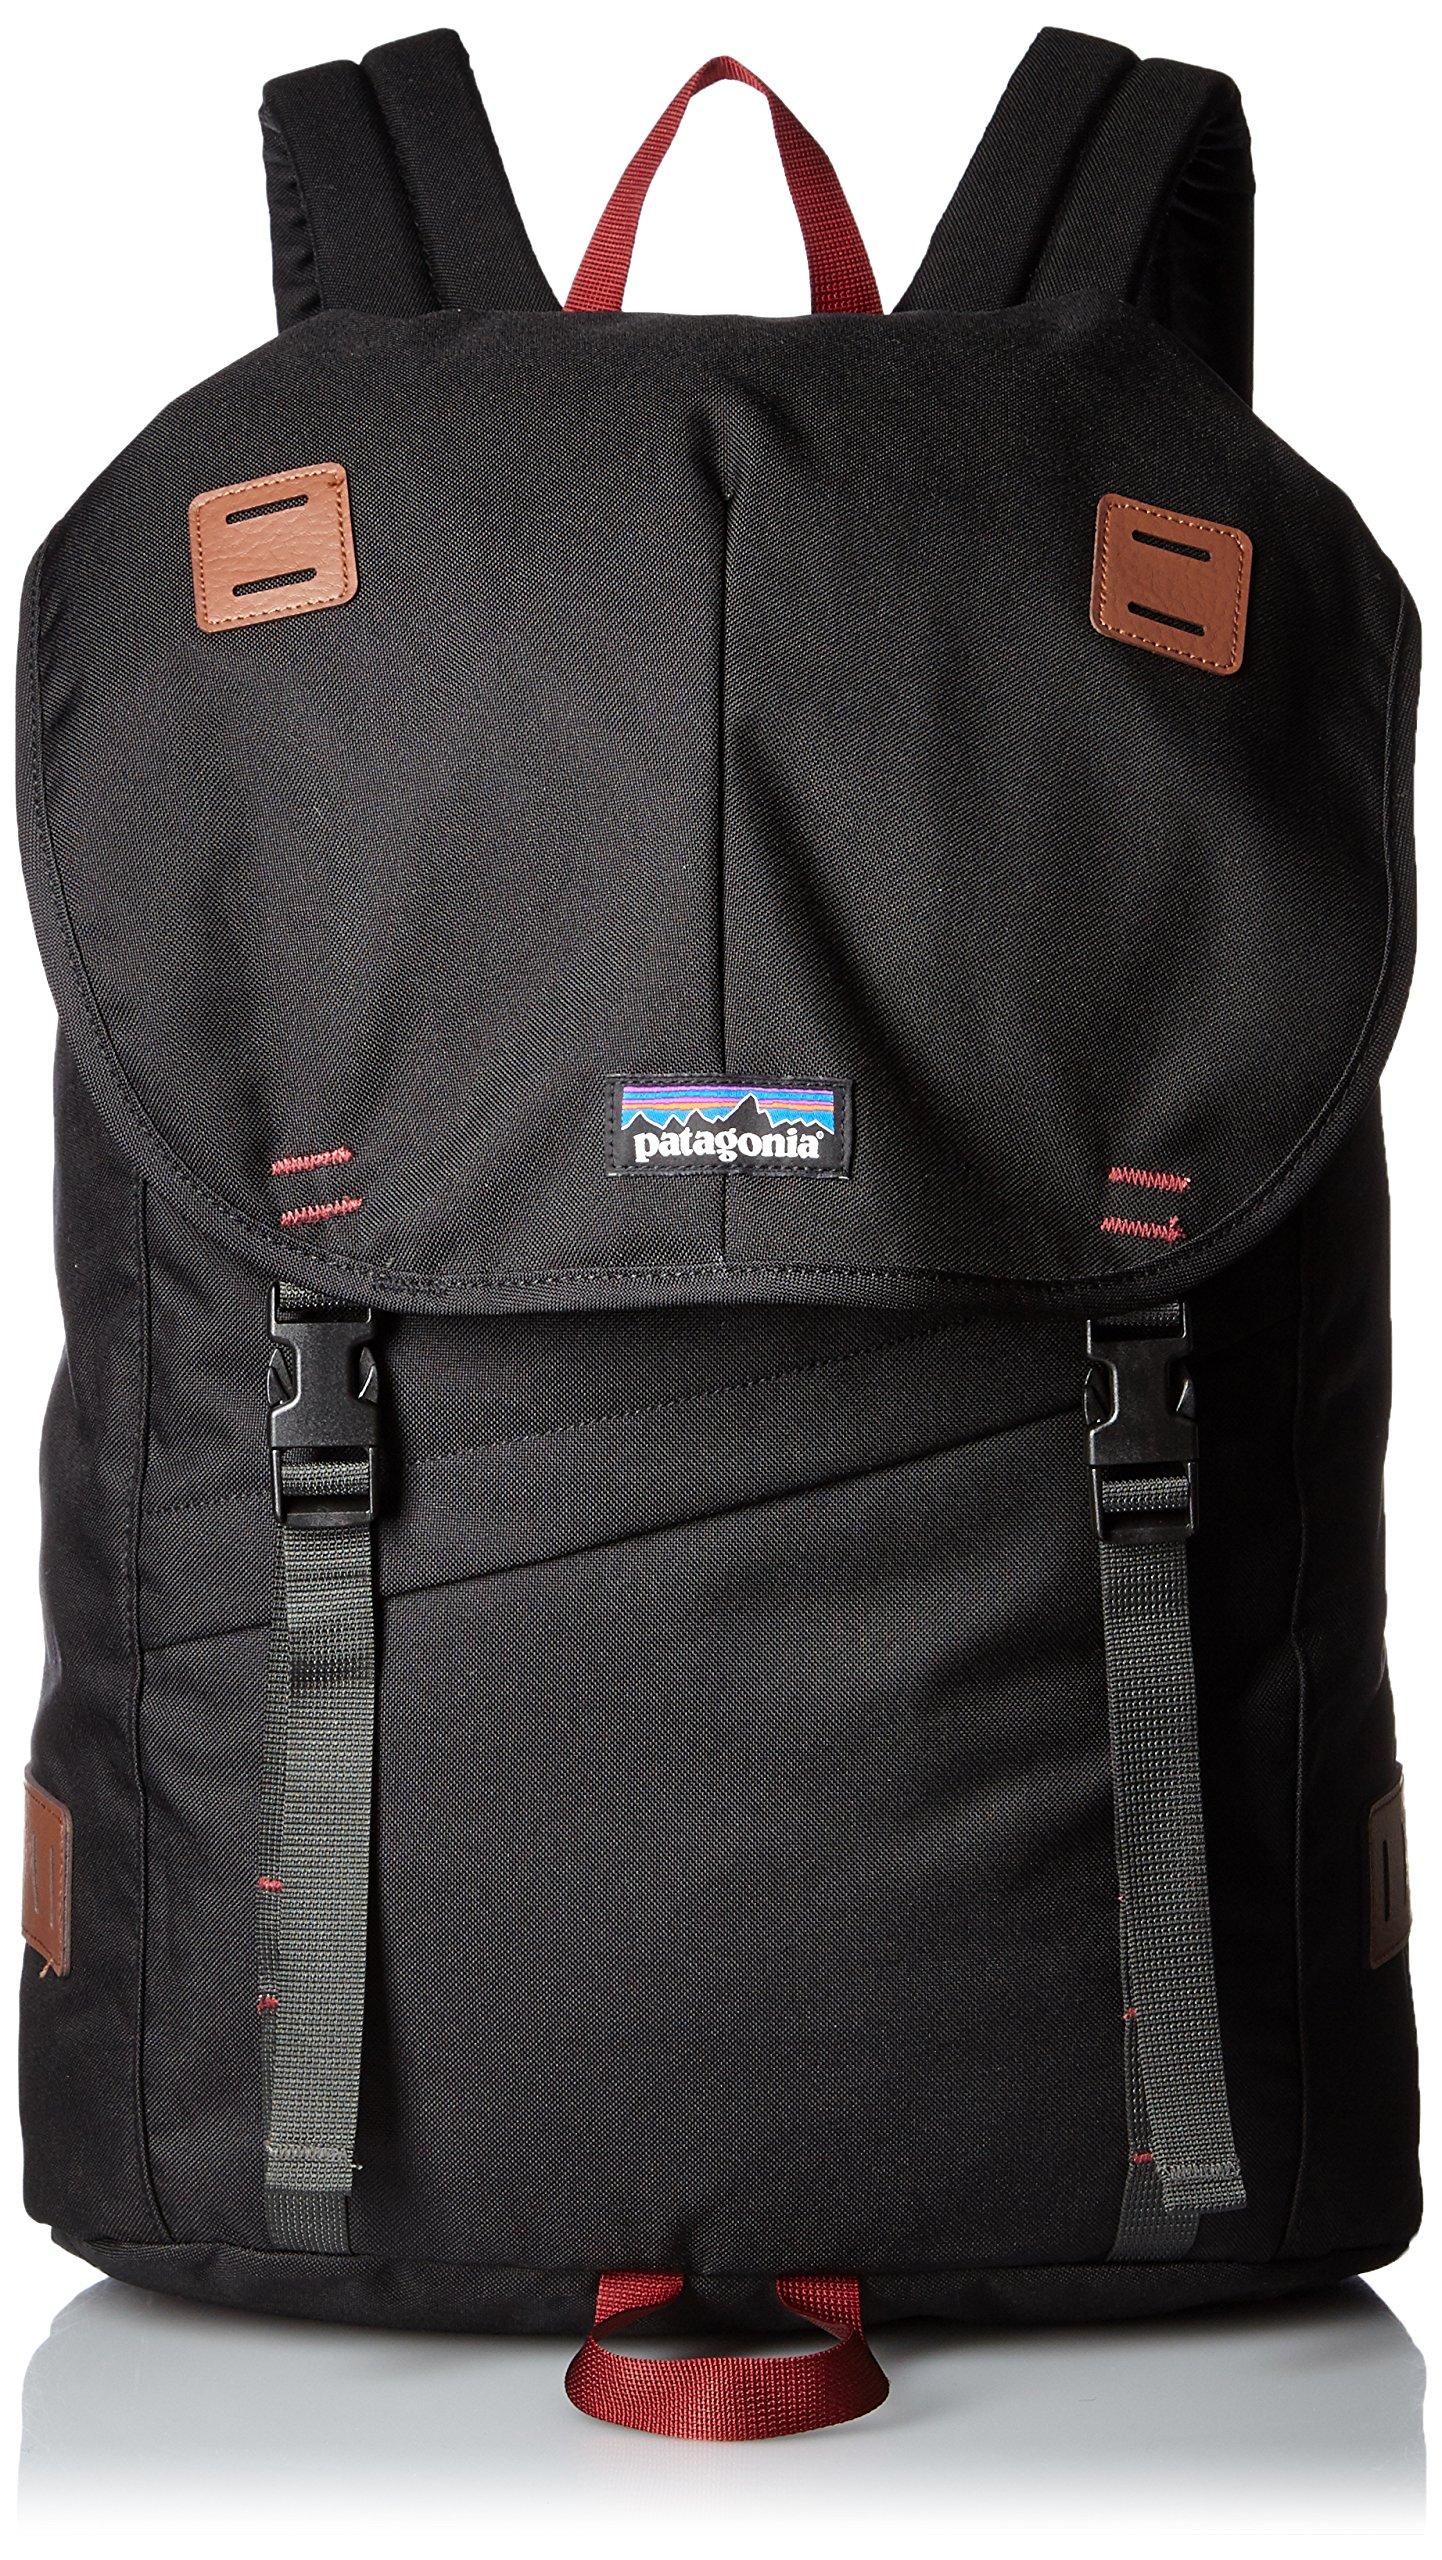 Patagonia Arbor Pack 26L Black